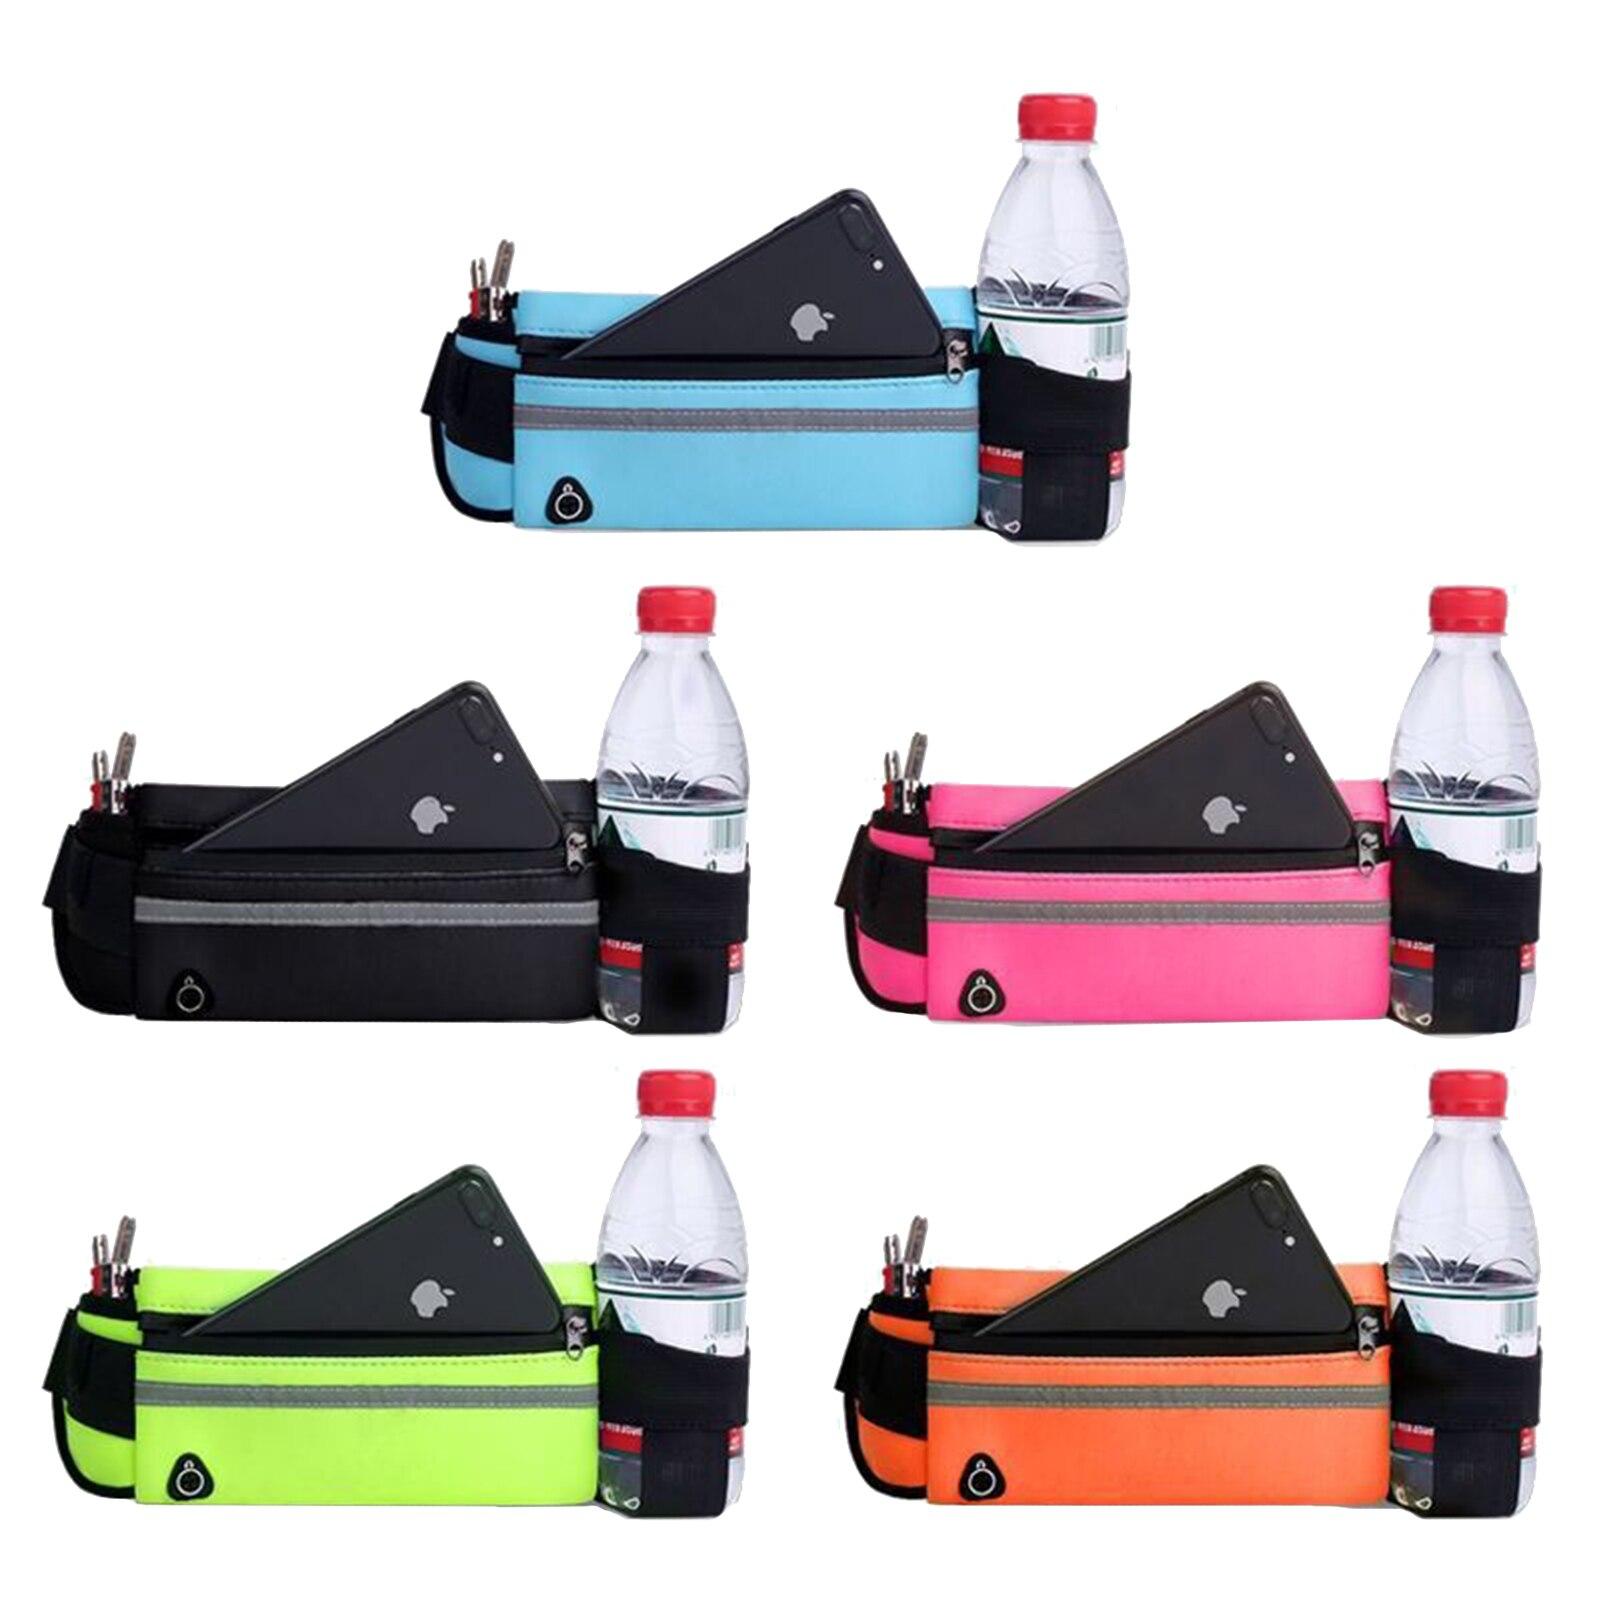 Поясная Сумка для бега, многофункциональная водонепроницаемая Спортивная карманная сумка, поясная сумка, нескользящие спортивные сумки дл...